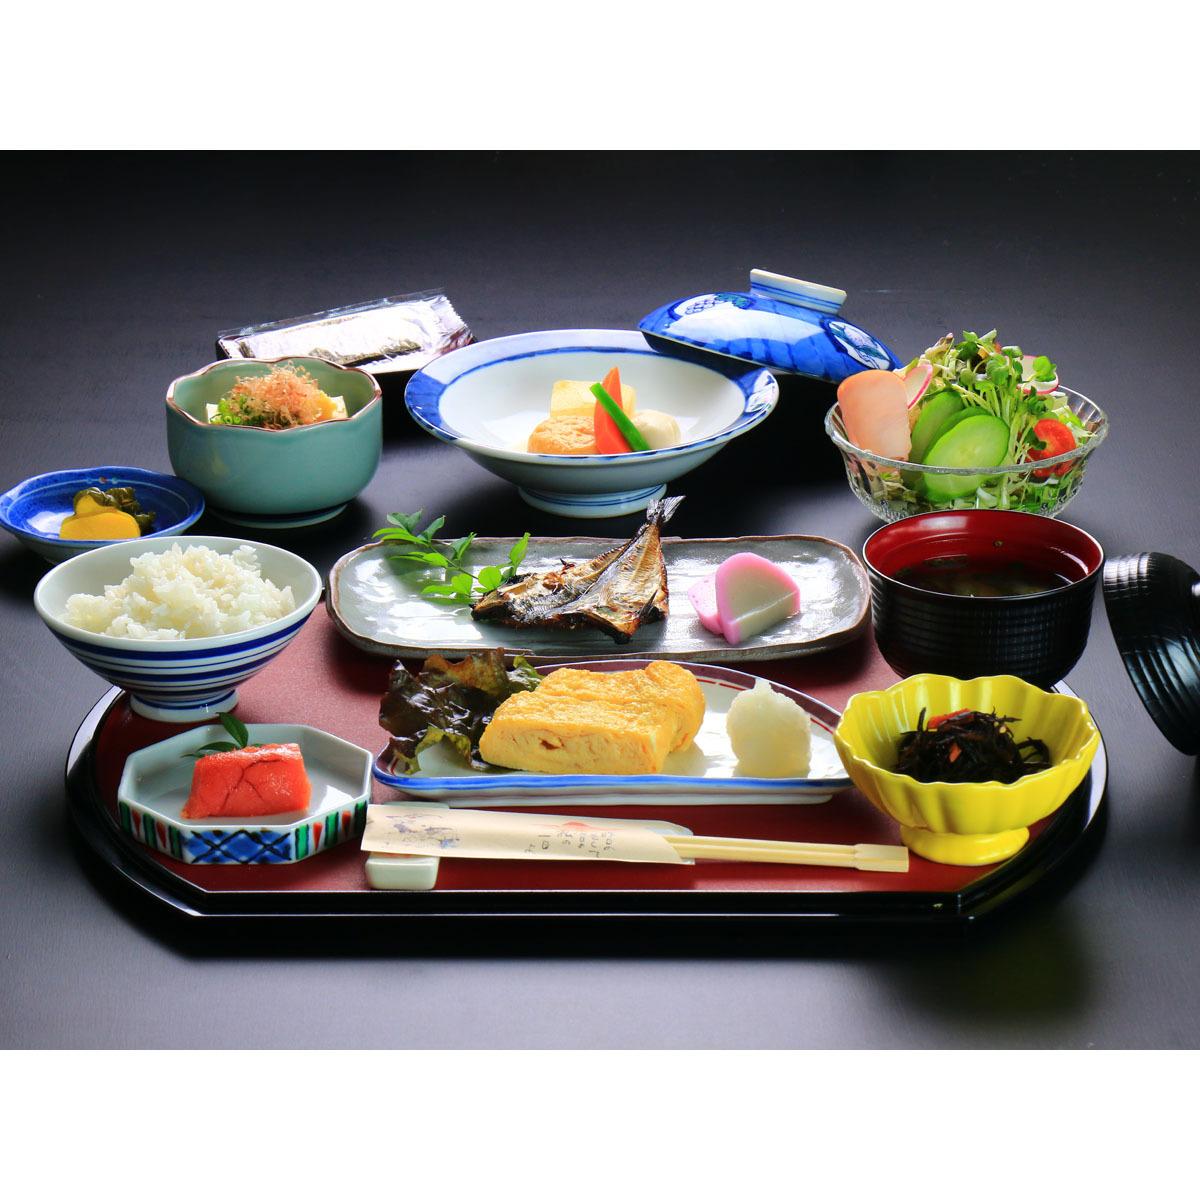 雲仙の農家から直接仕入れたお米に合わせた食材で朝を彩ります♪